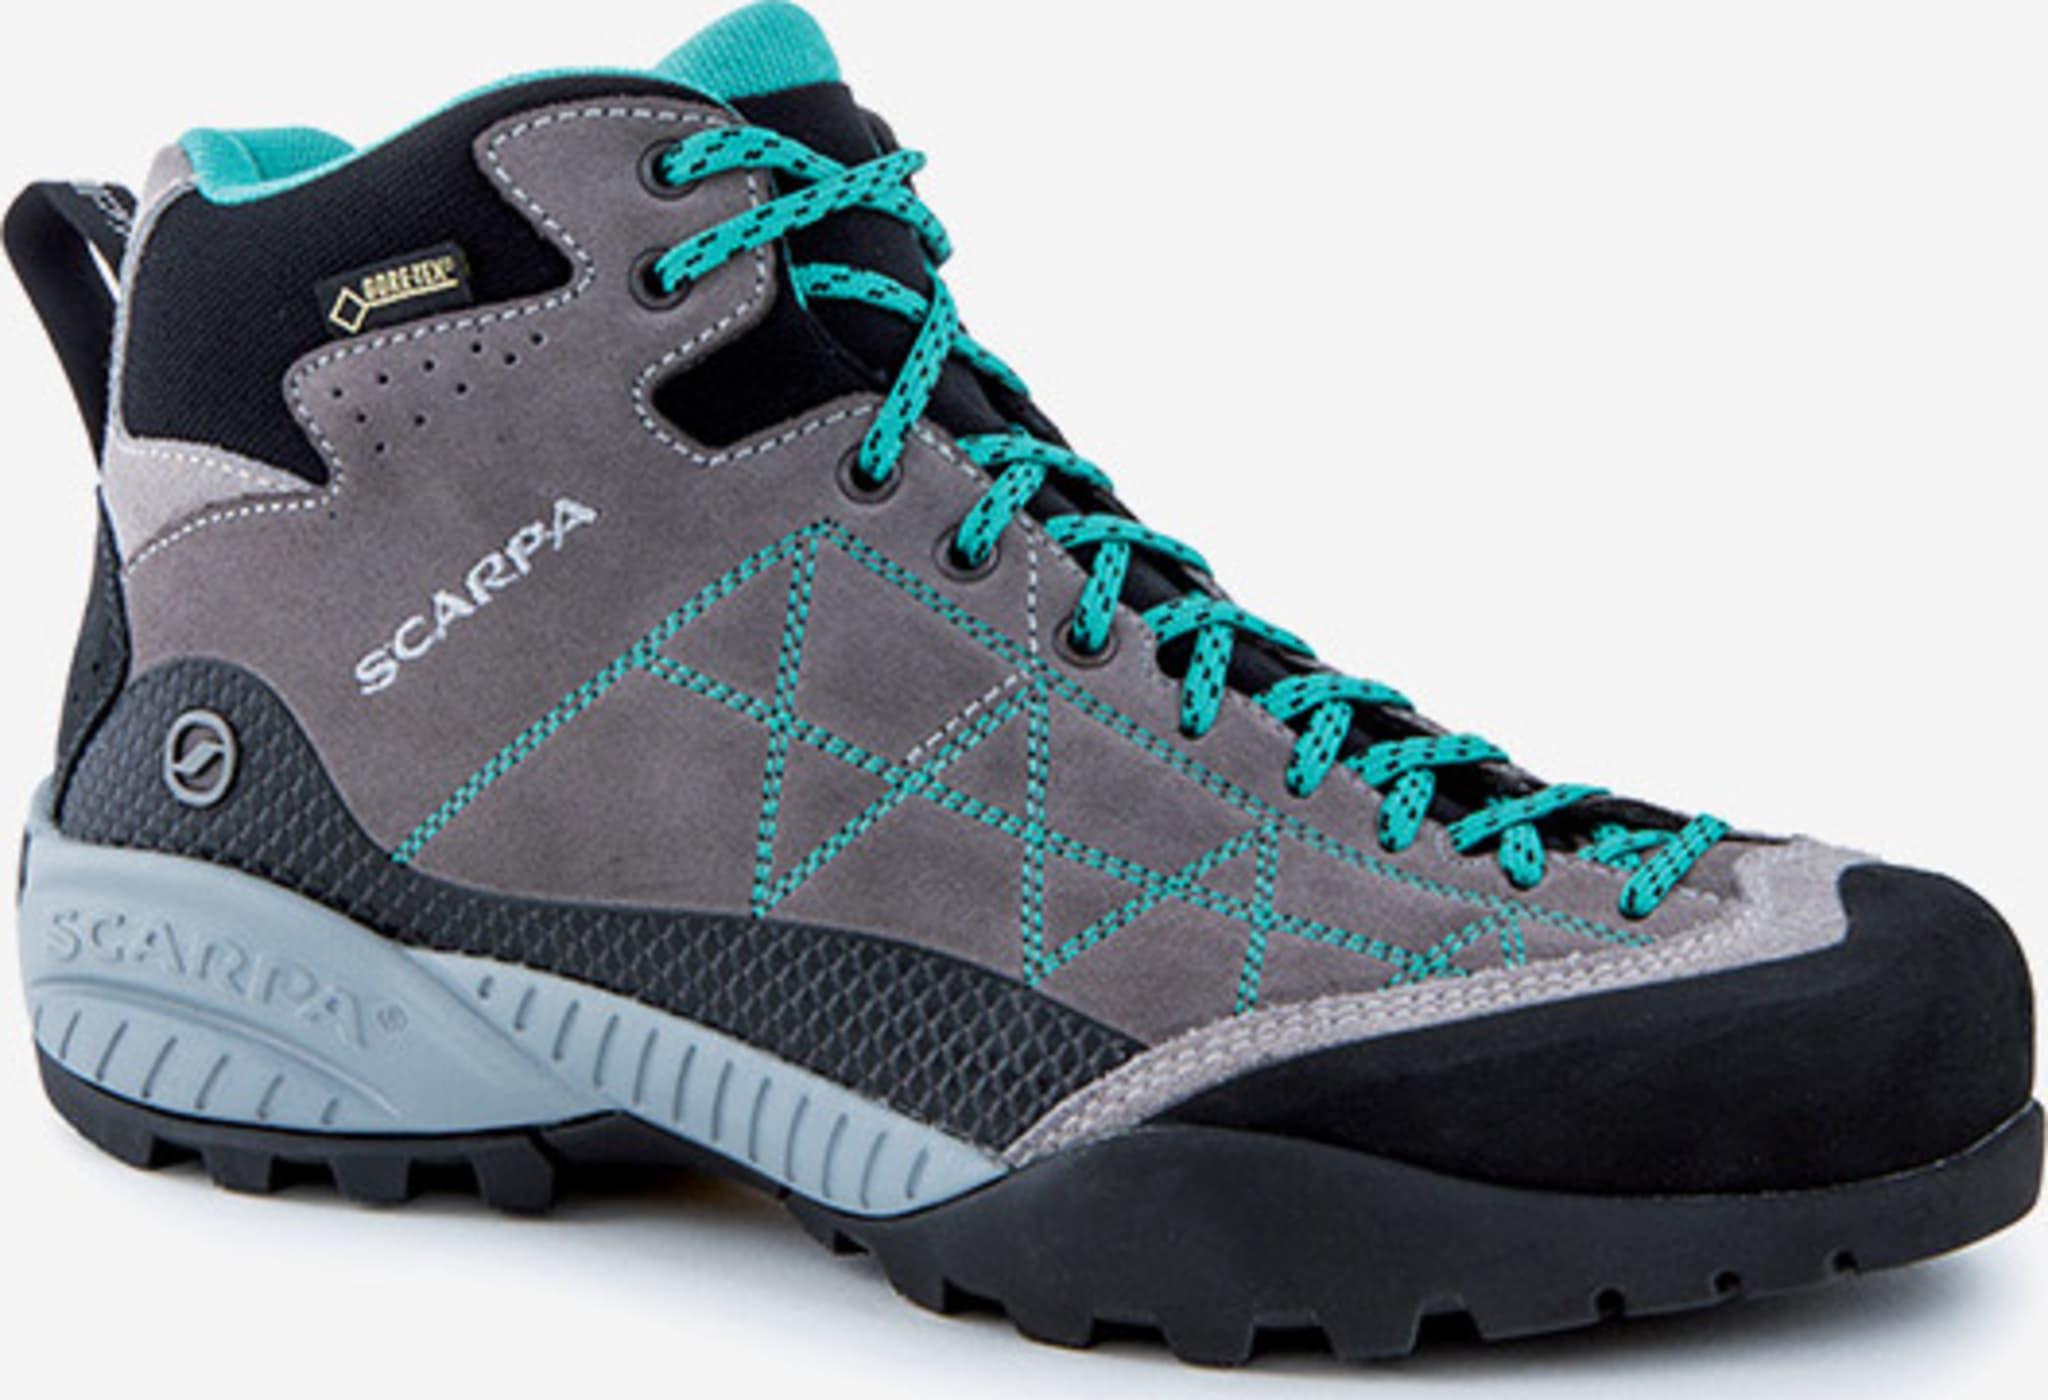 Vanntette sko for tekniske anmarsjer, enkel klatring og fotturer